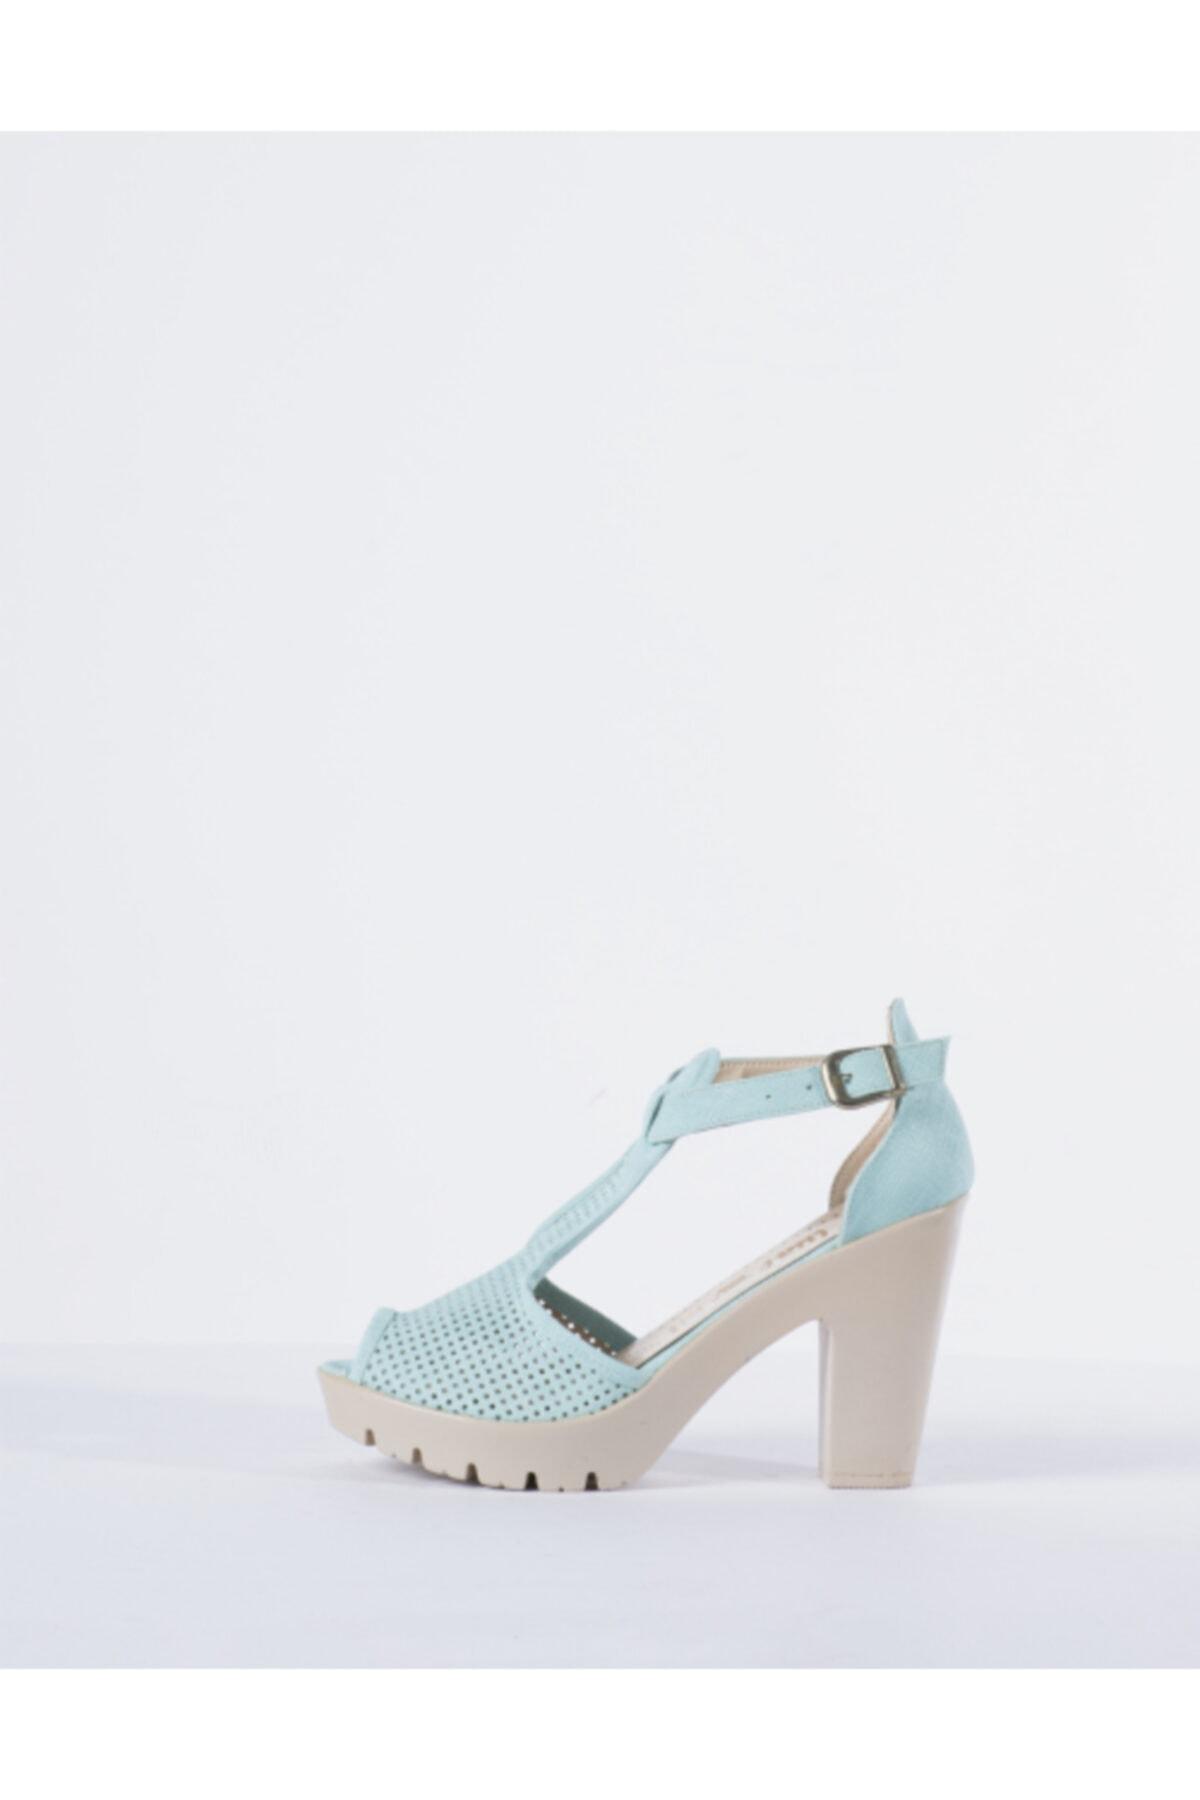 Vision Kadın Yeşil Topuklu Ayakkabı 1